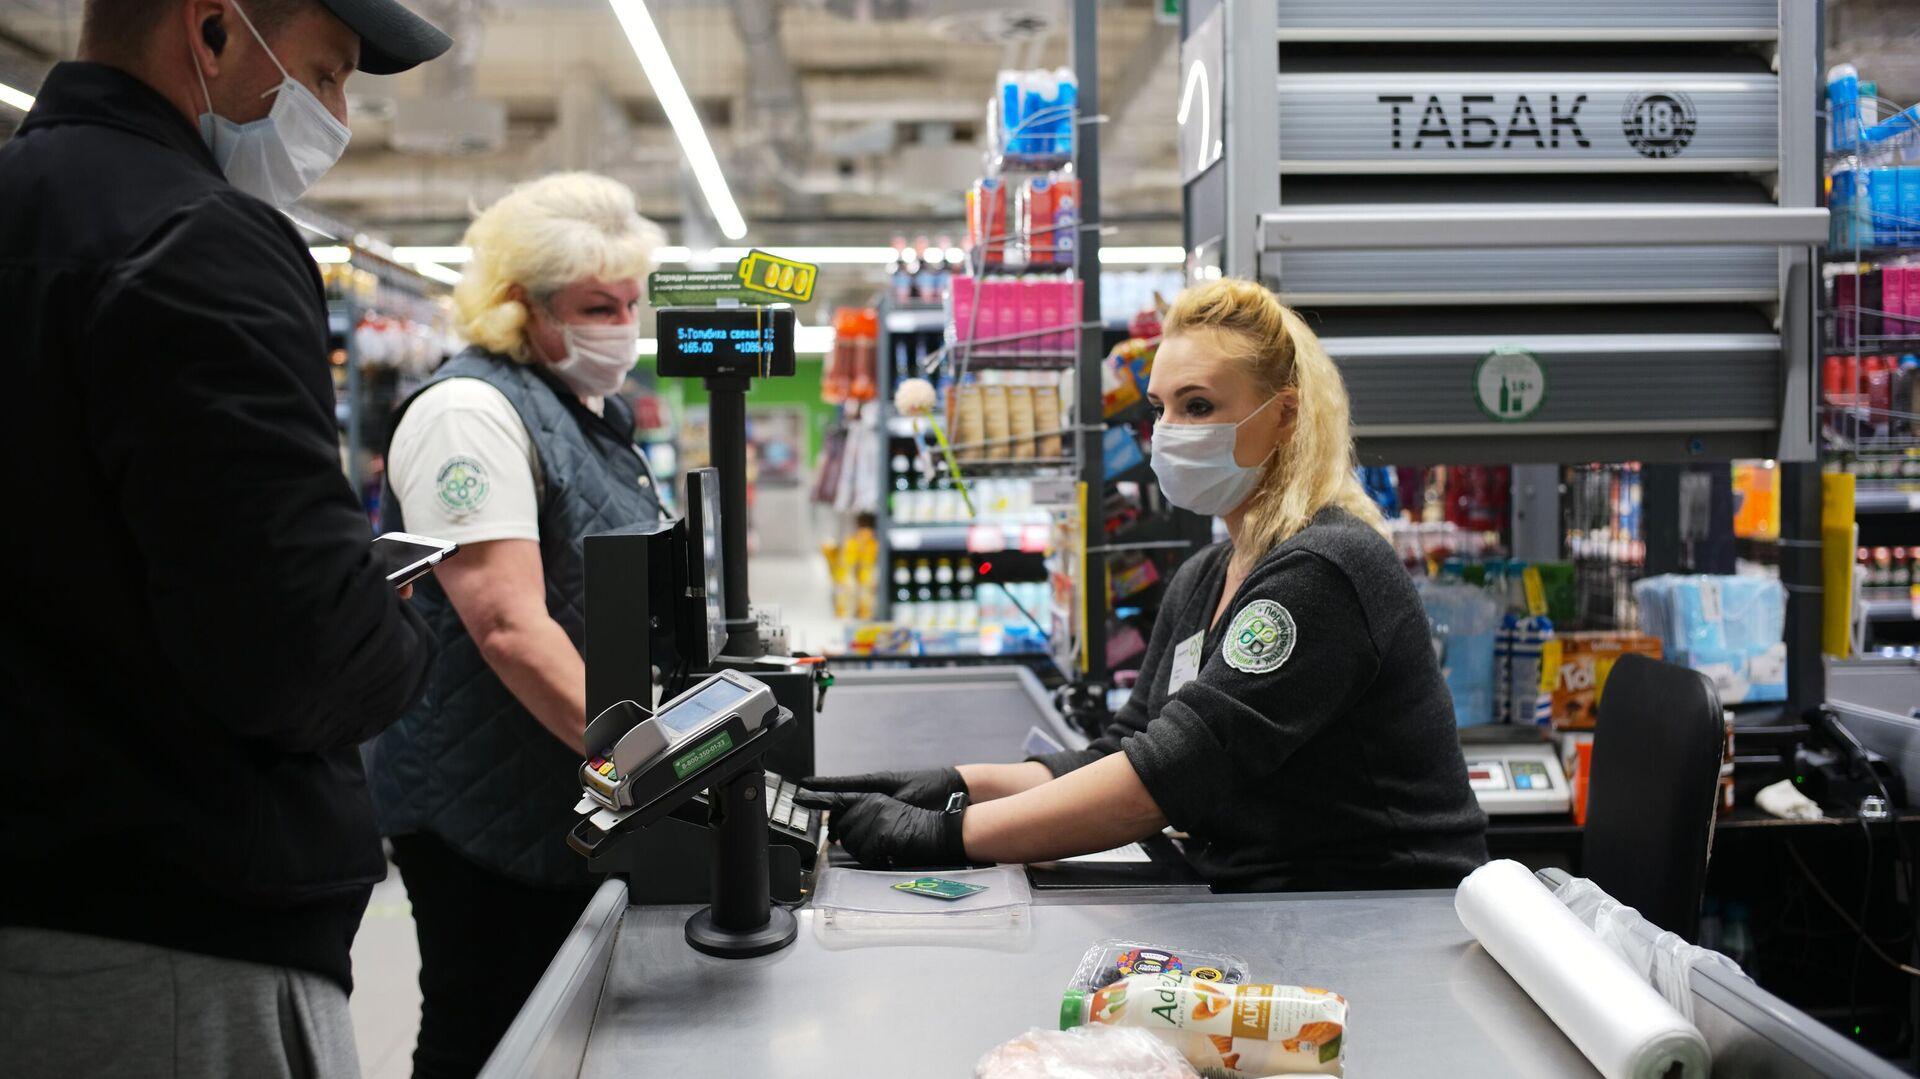 Покупатель оплачивает покупки на кассе в супермаркете Перекресток - РИА Новости, 1920, 24.09.2020